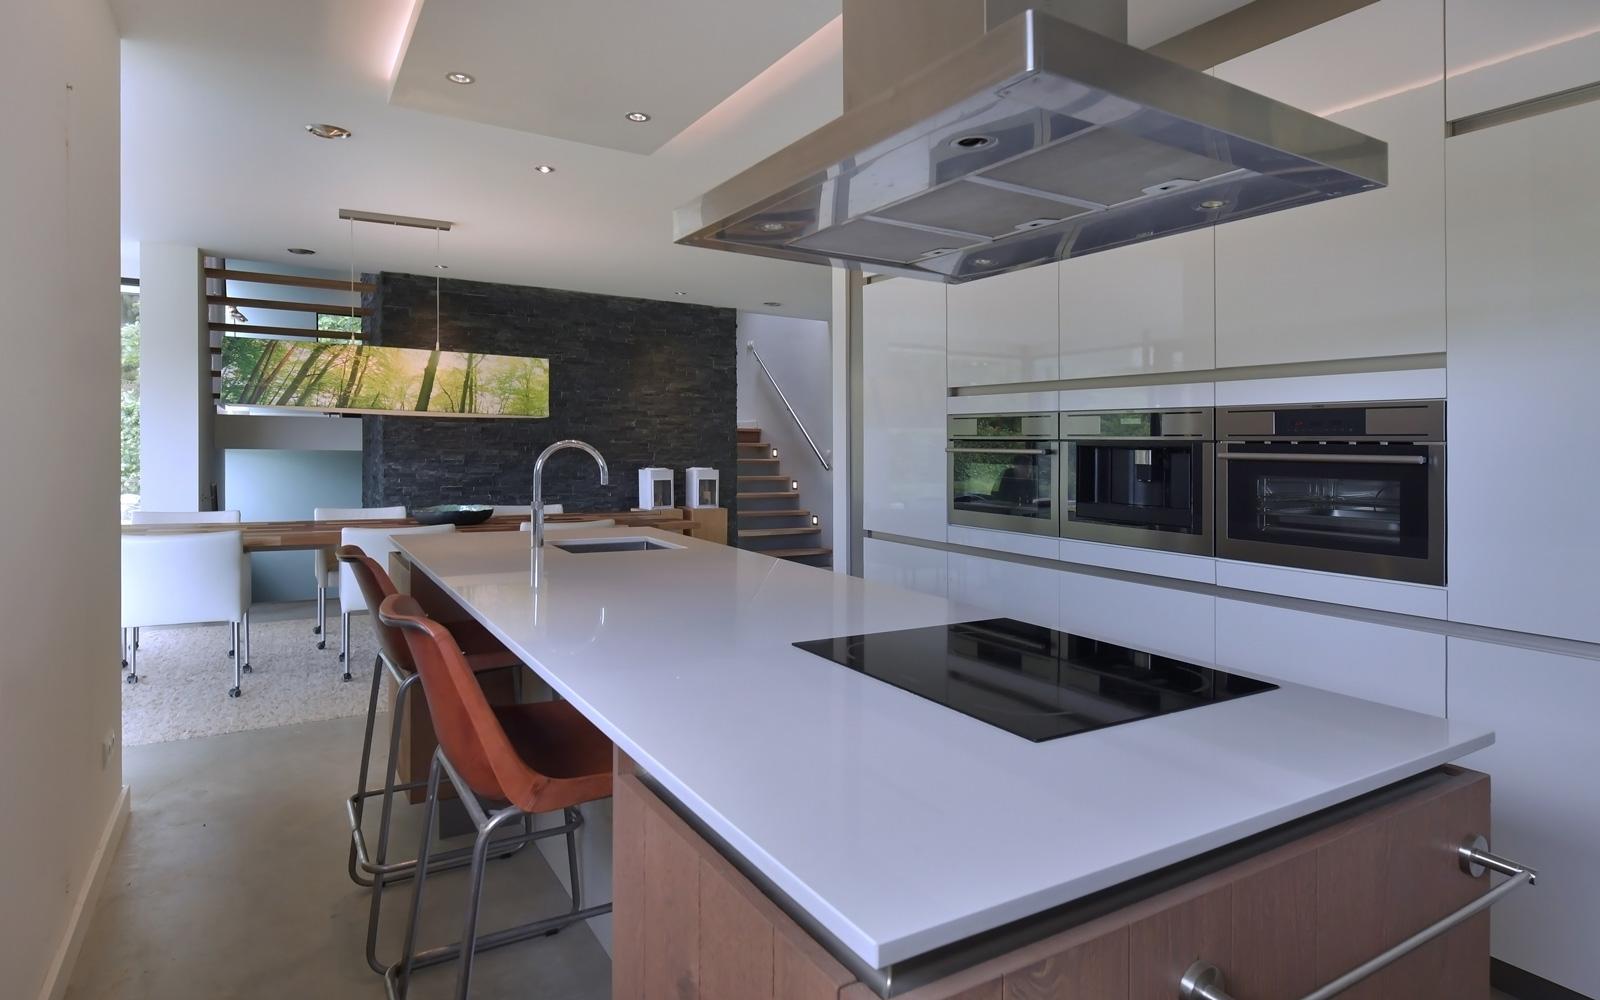 De keuken is voorzien van luxe keukenapparatuur.